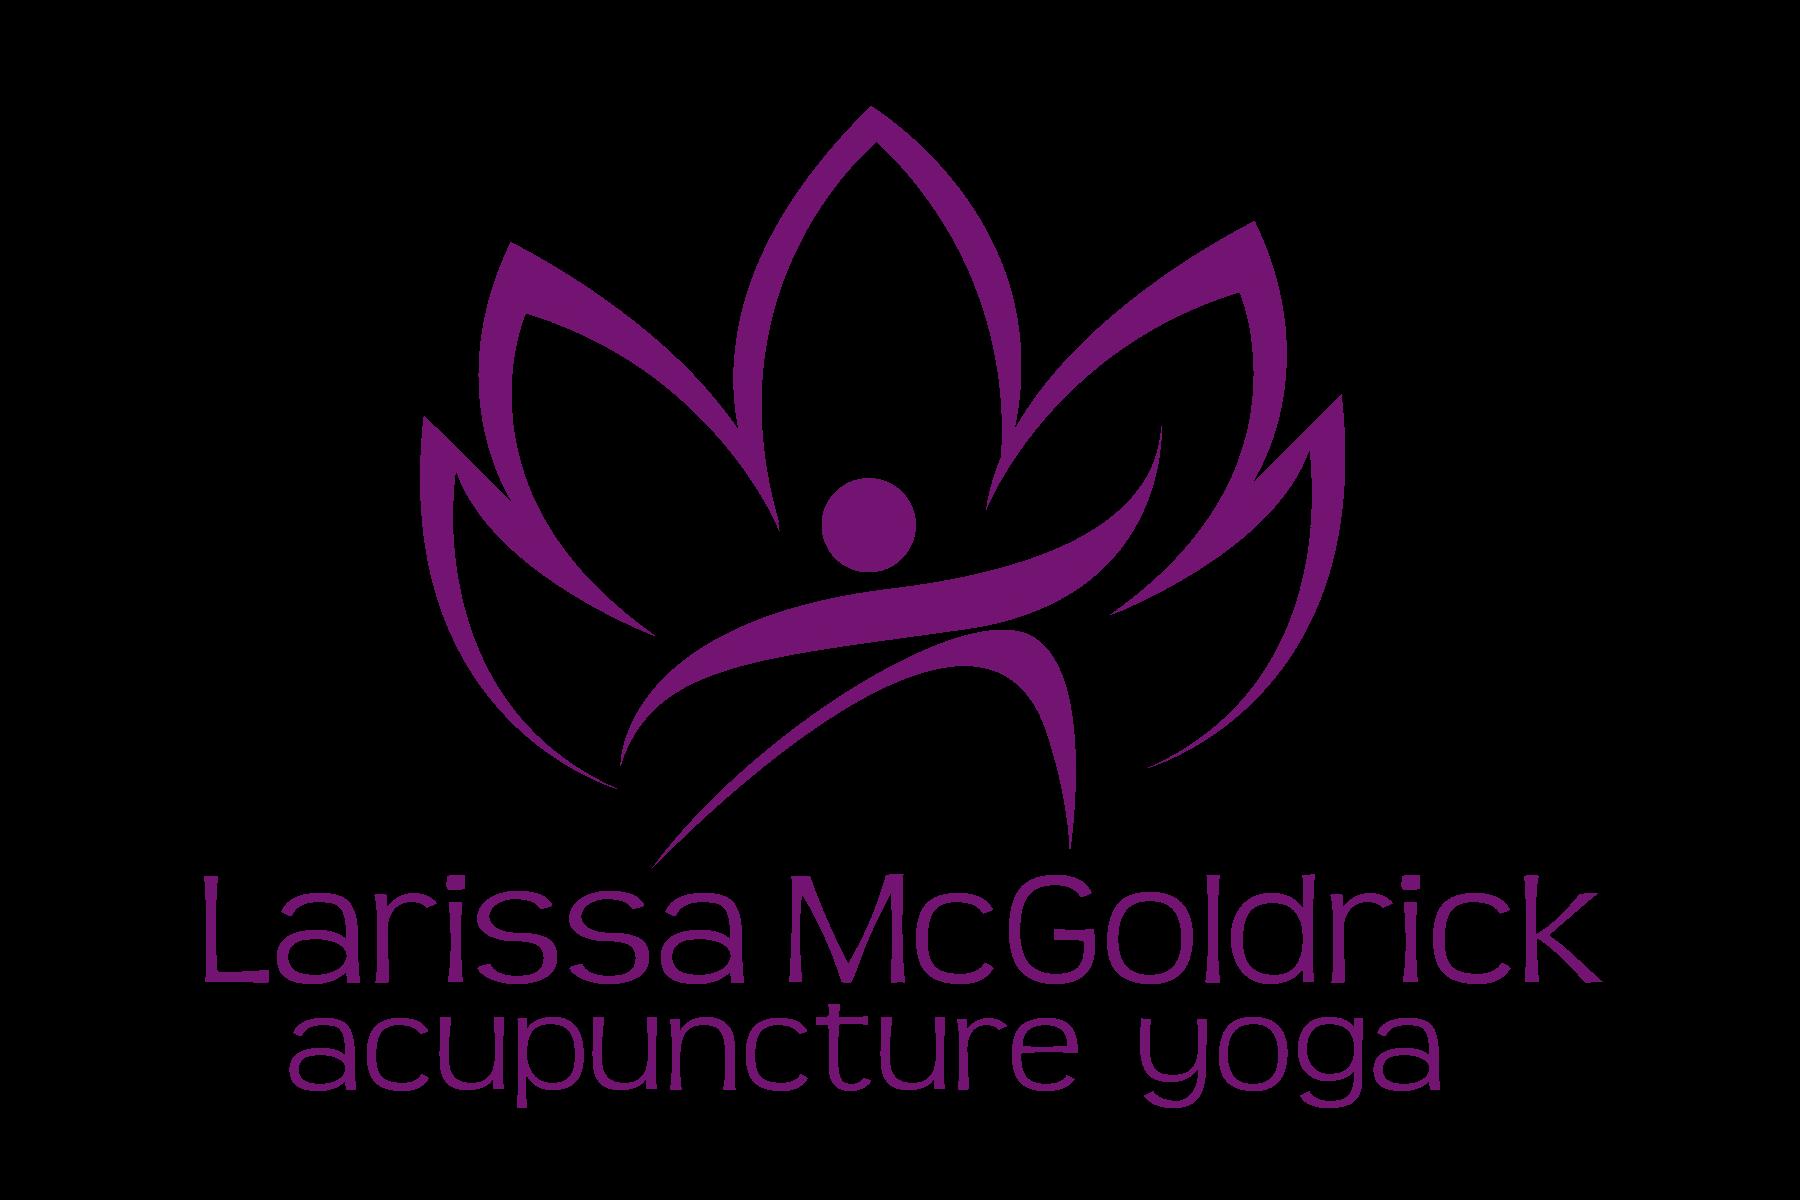 Larissa McGoldrick Acupuncture